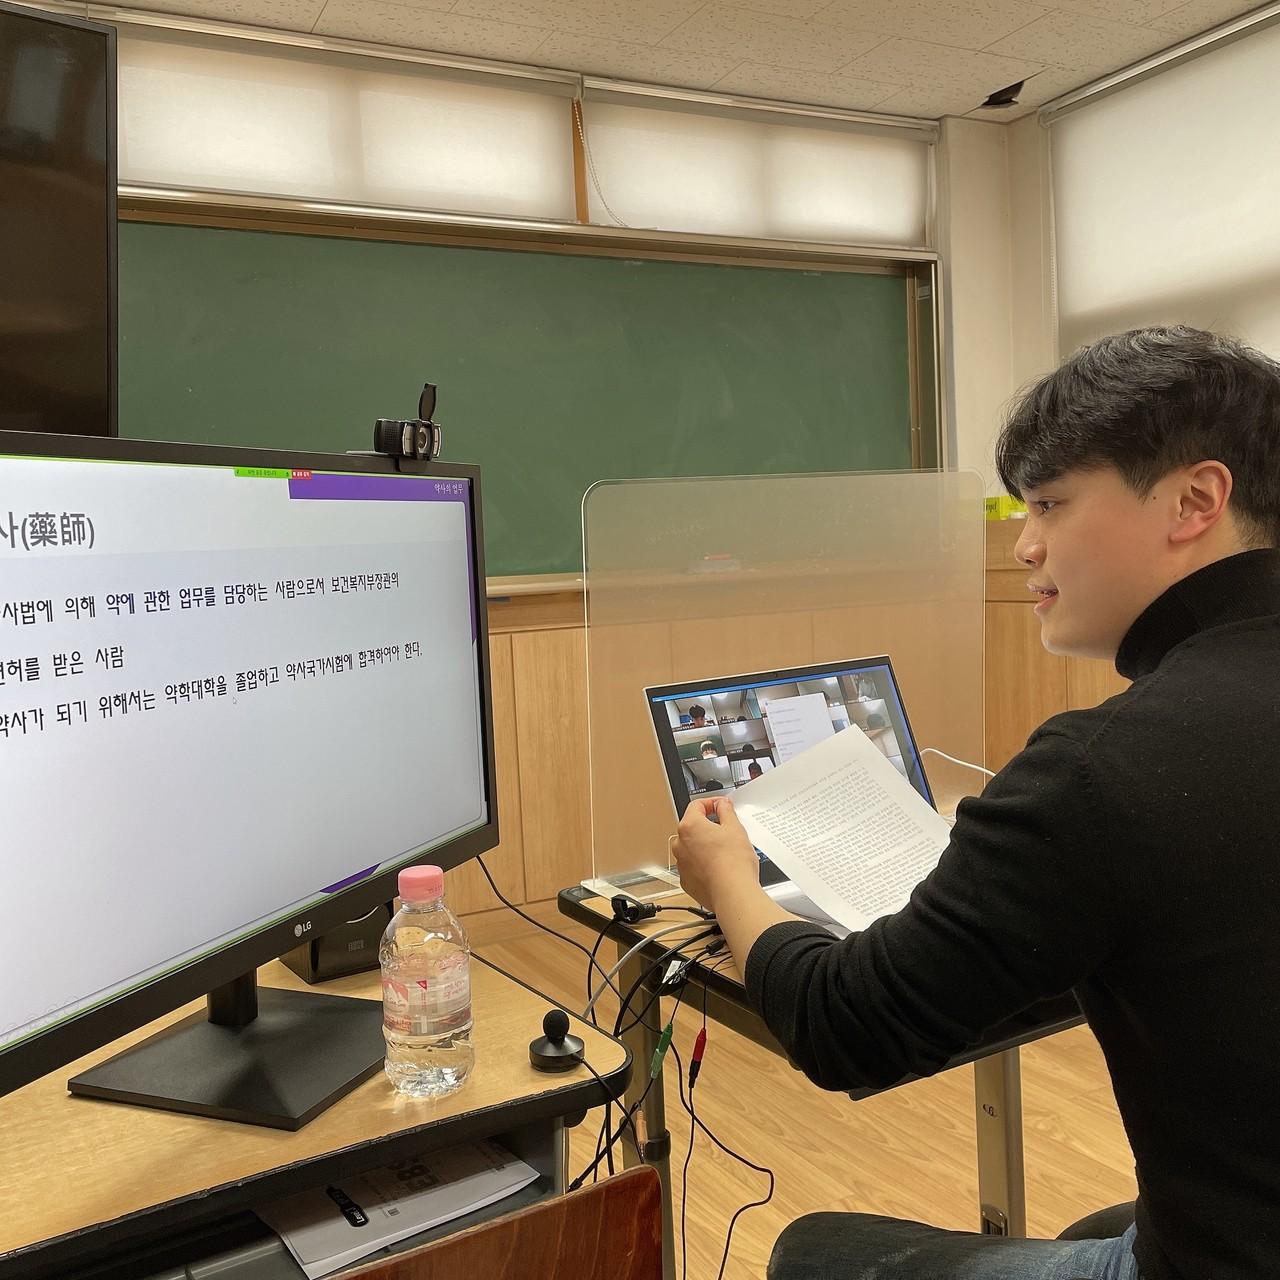 2019년11월부터 신용산수약국 대표 2020년 12월 23일 세화고등학교 강의(강의명:코로나시대, 약사의 역할)